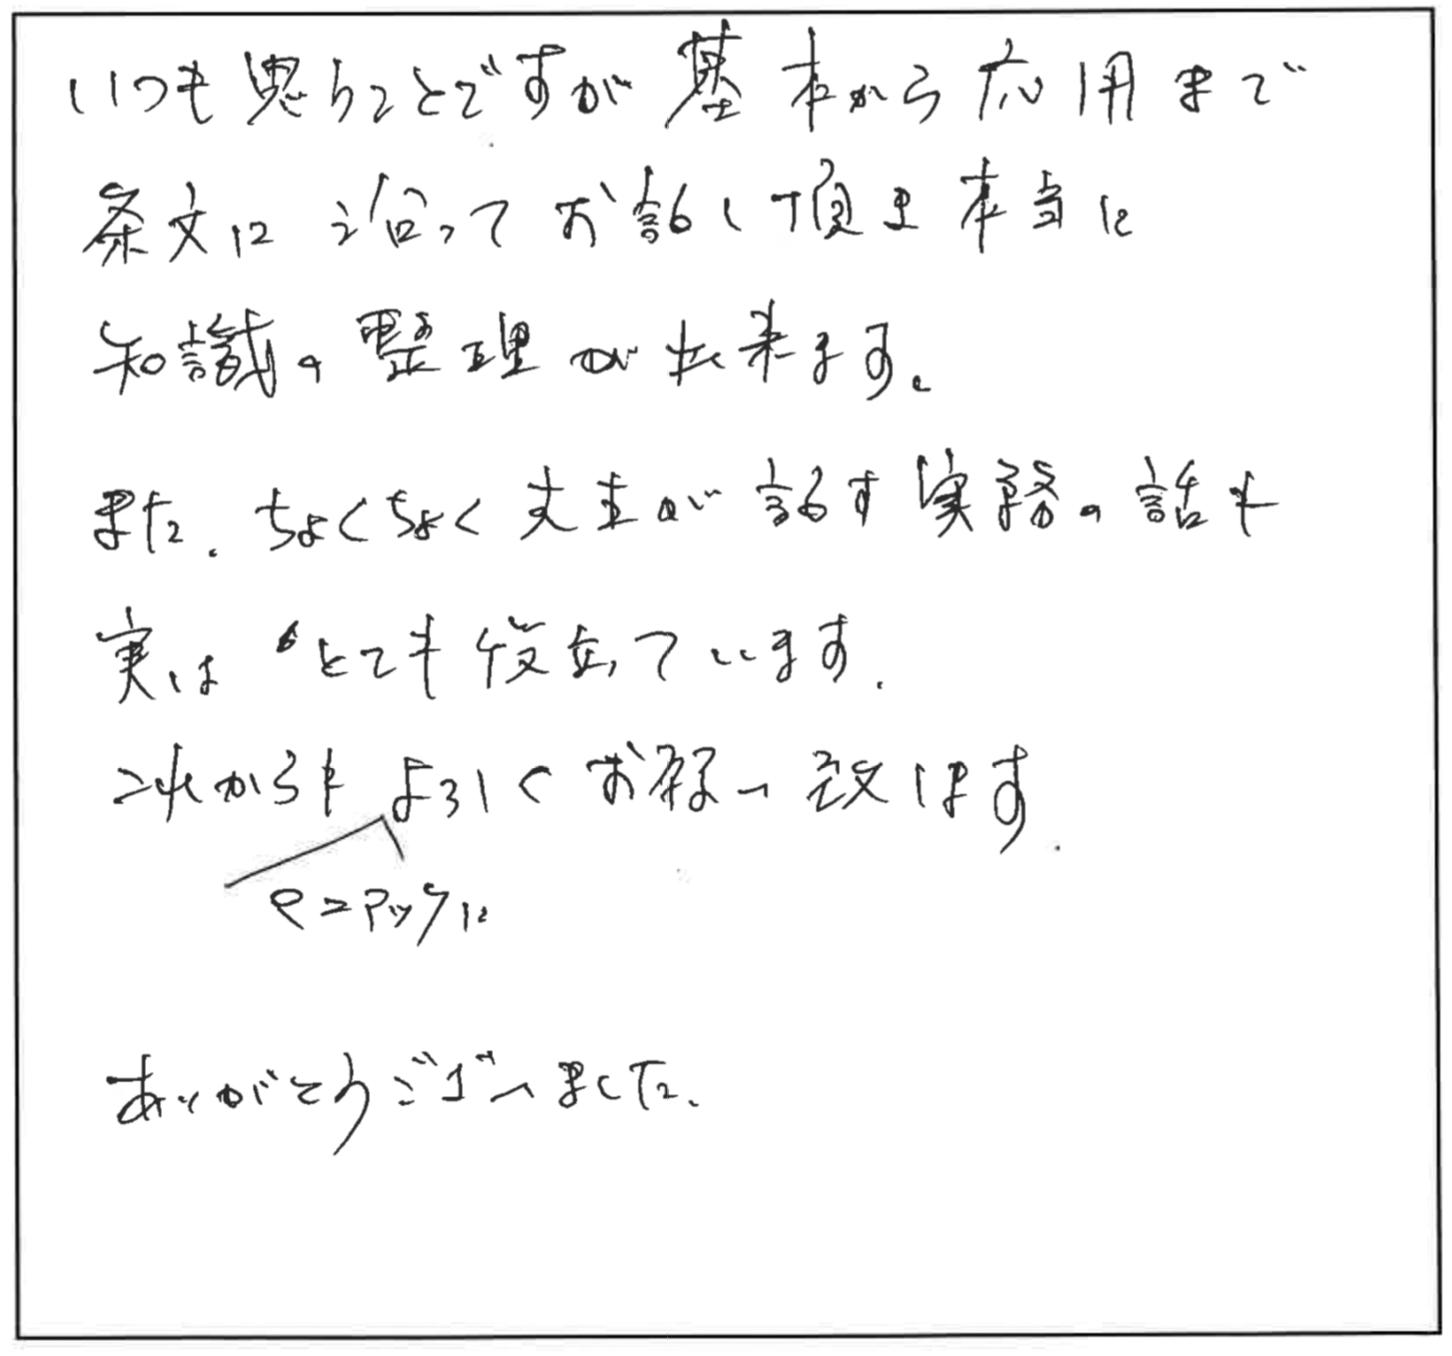 吉澤塾相続研究会参加者の声画像59